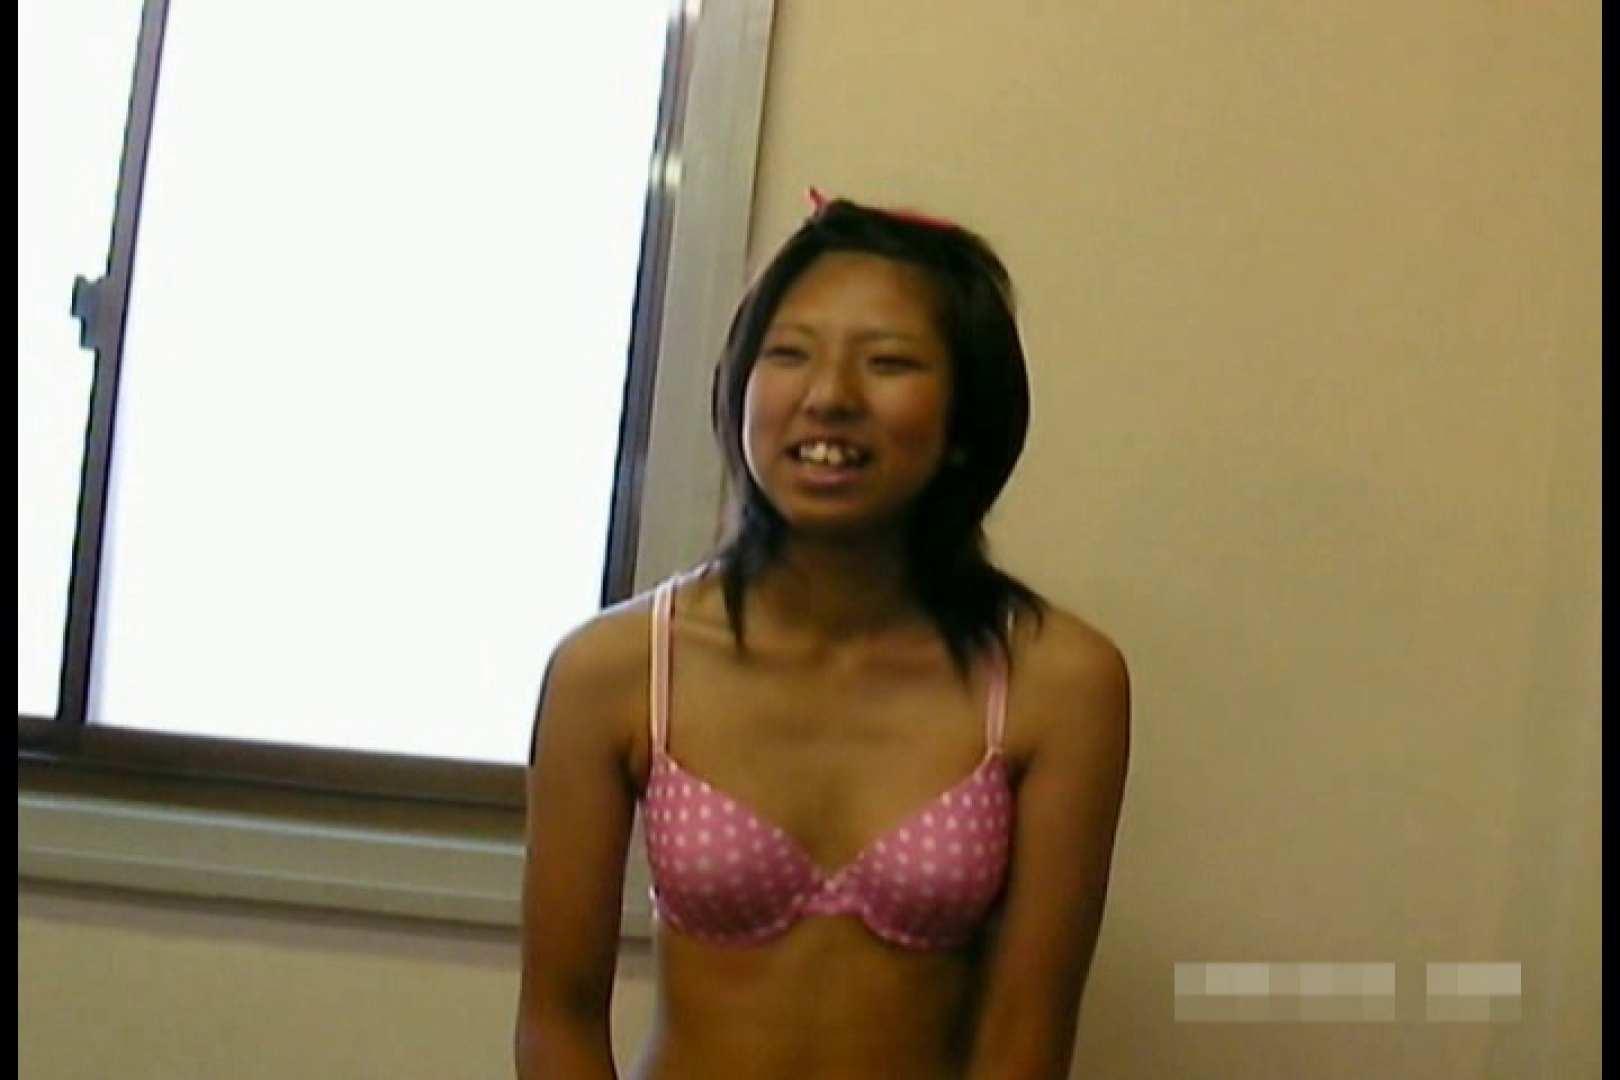 素人撮影 下着だけの撮影のはずが・・・エミちゃん18歳 オマンコ  65pic 18